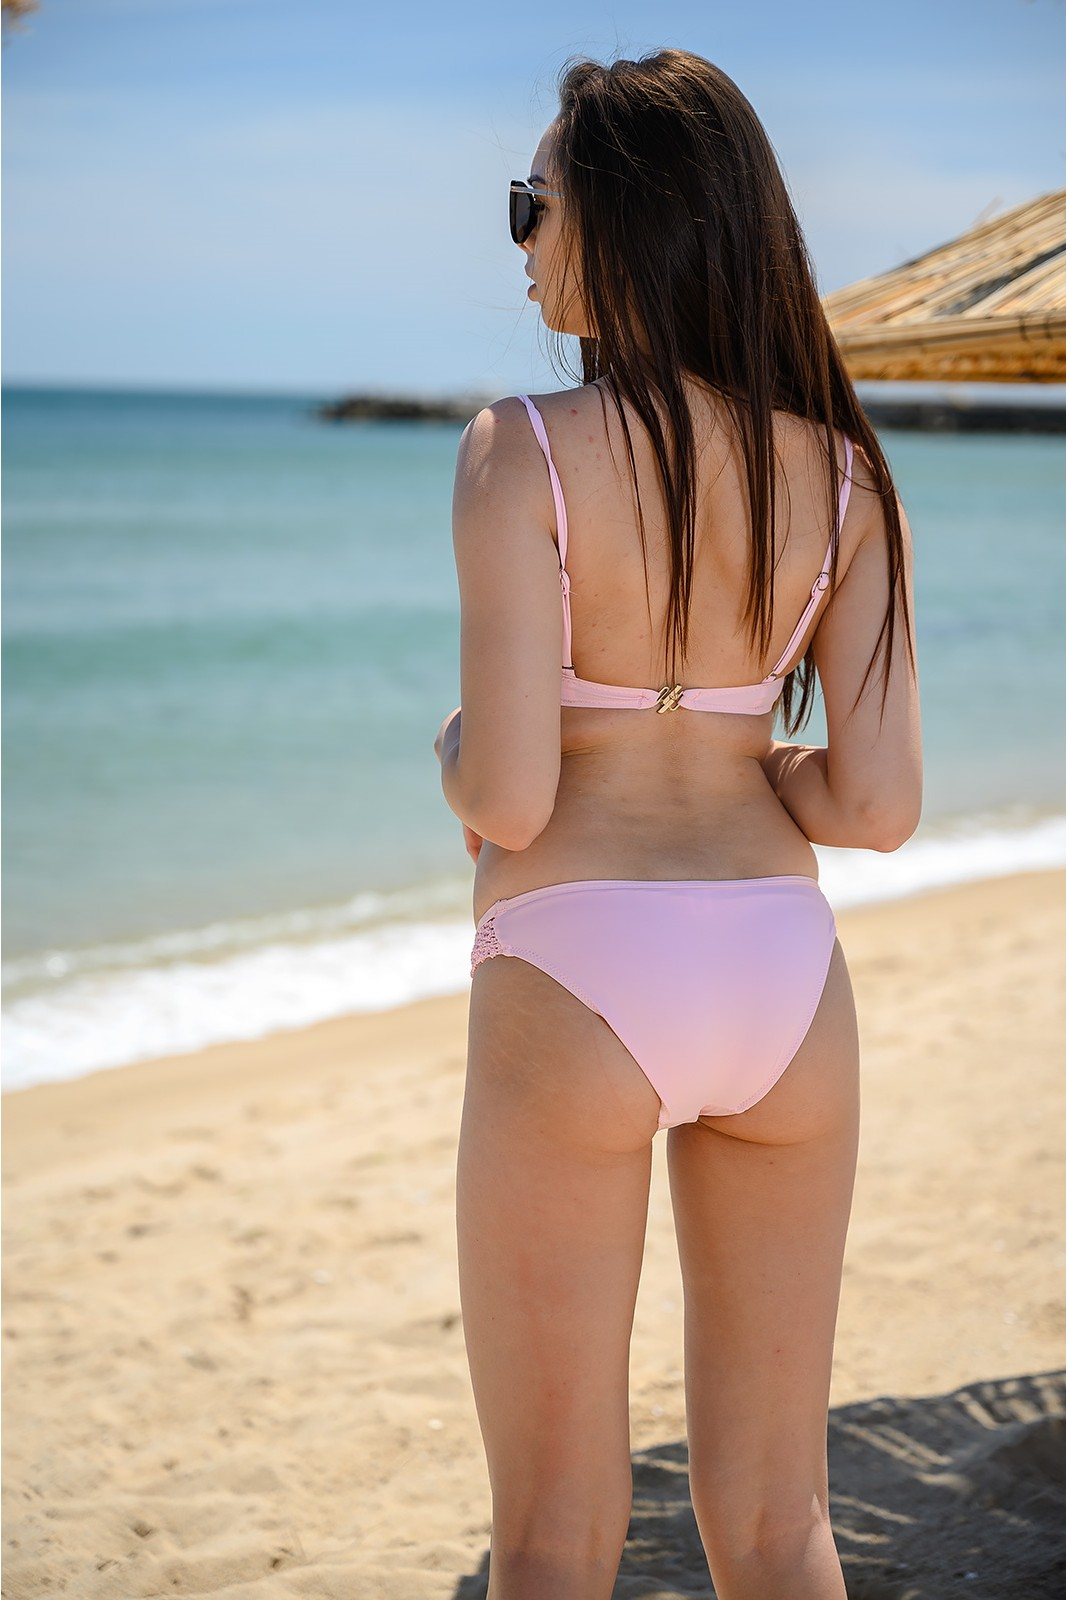 Бански костюм в розов цвят Снимка 2 от 3